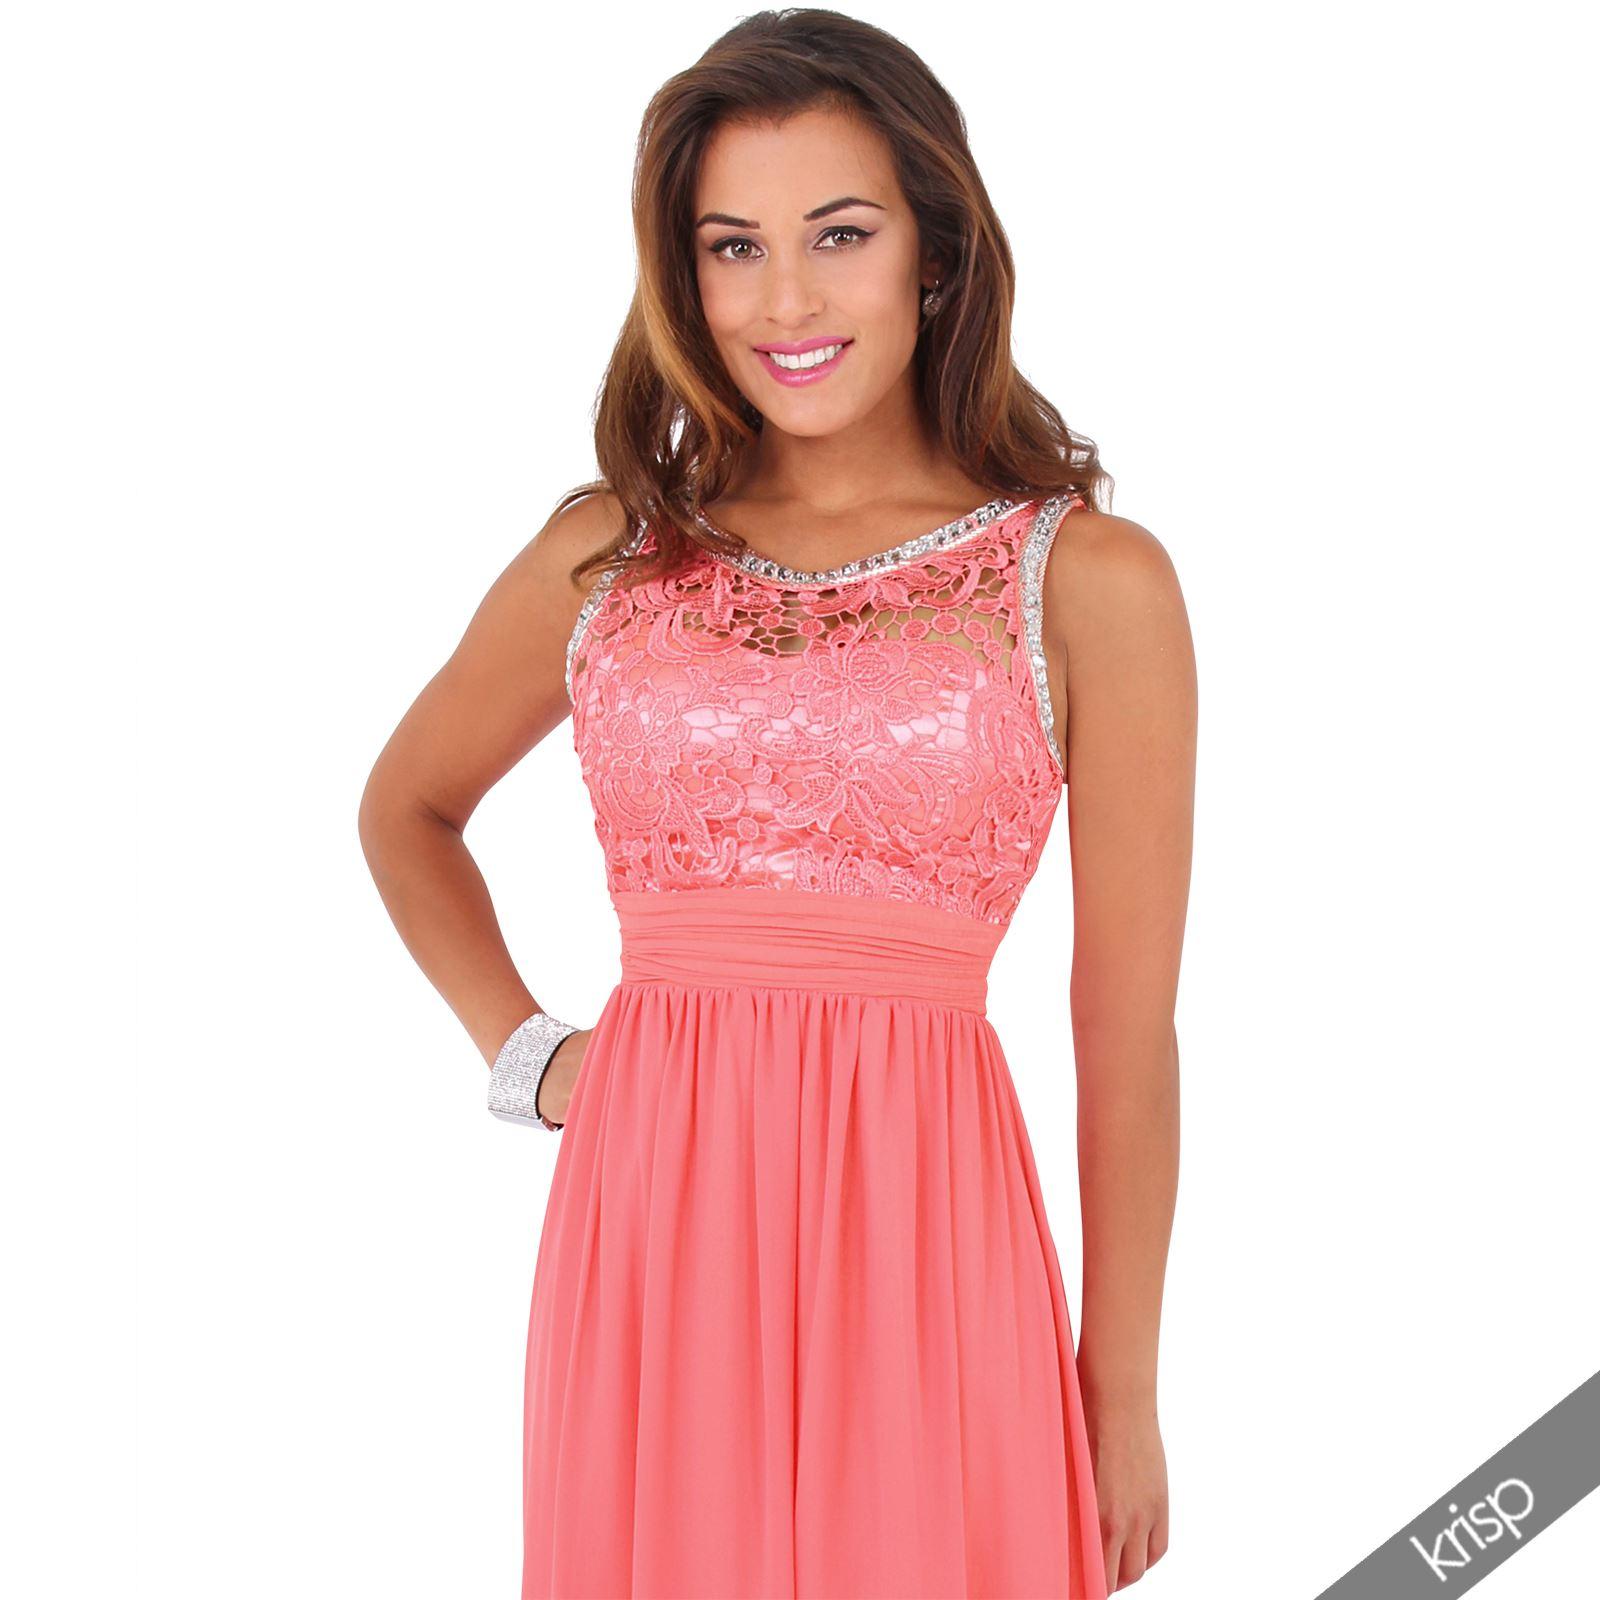 Vestido de Fiesta Noche Brillantes Dama de Honor Boda Gala Nuevo | eBay